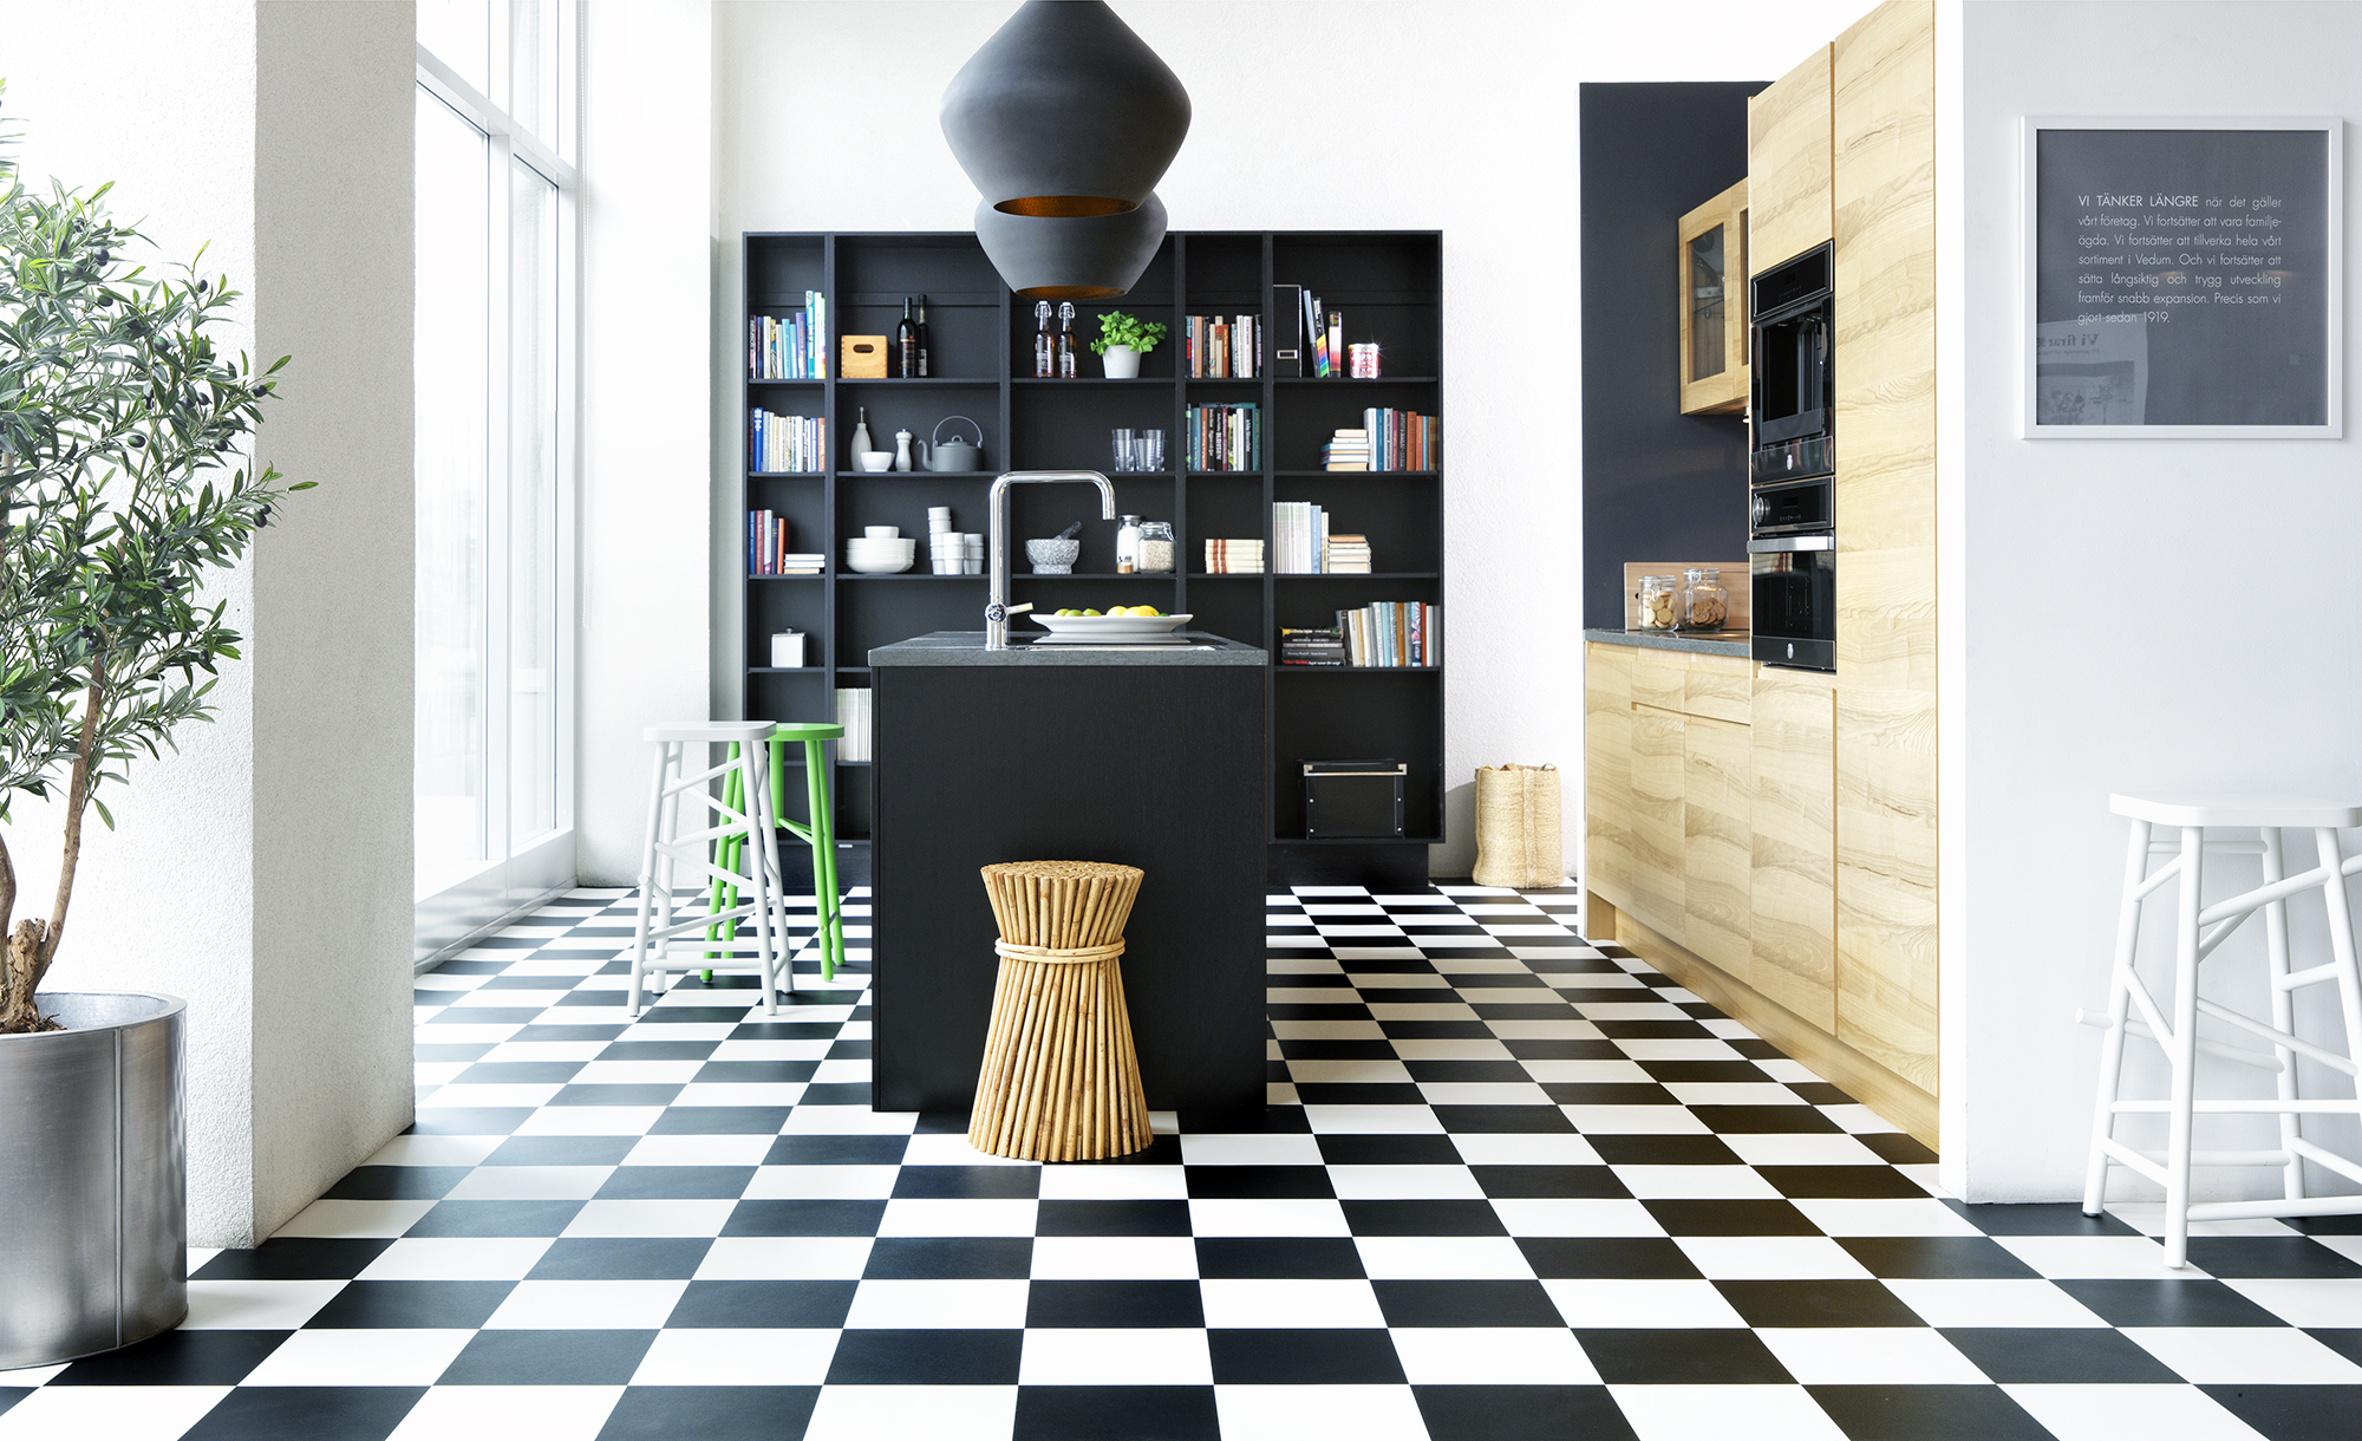 Finn riktig gulv til ditt rom - Boligmani.no